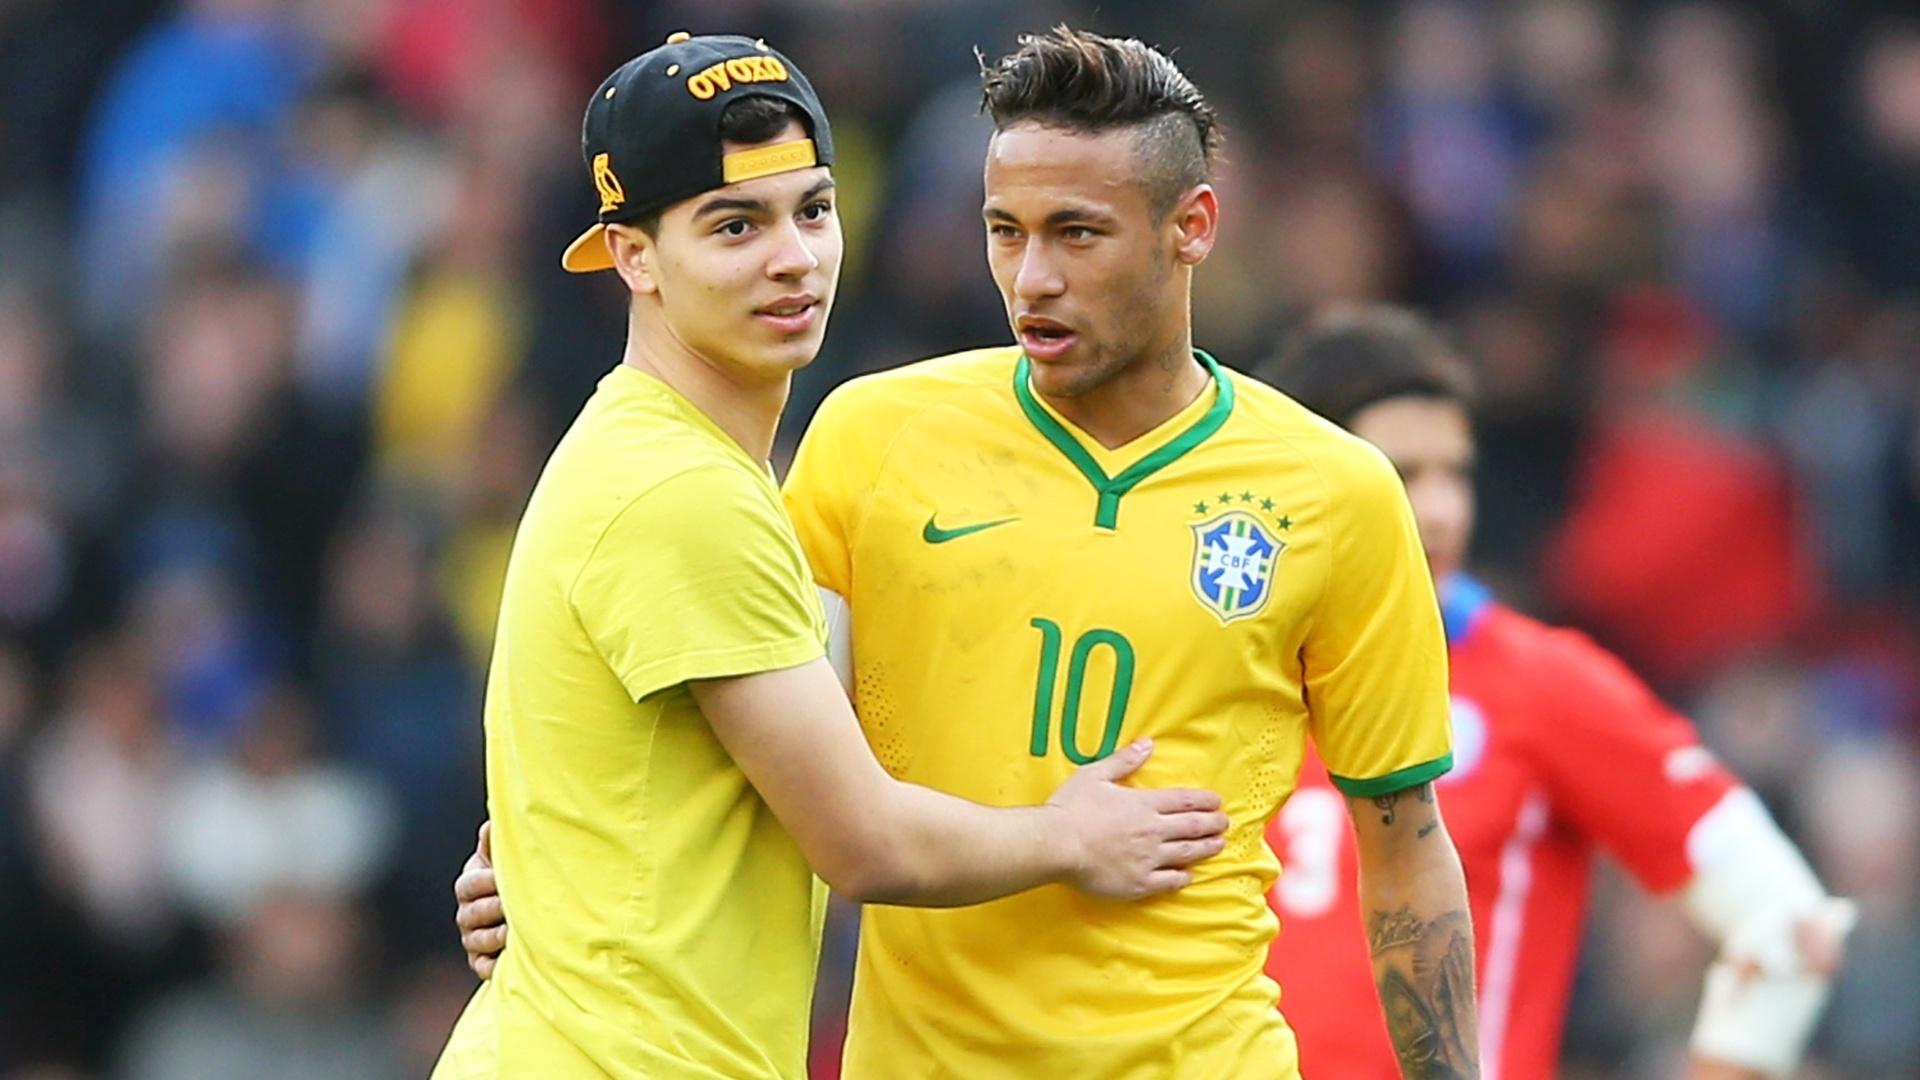 29.mar.2015 - Torcedor invade o gramado e abraça Neymar no Emirates Stadium